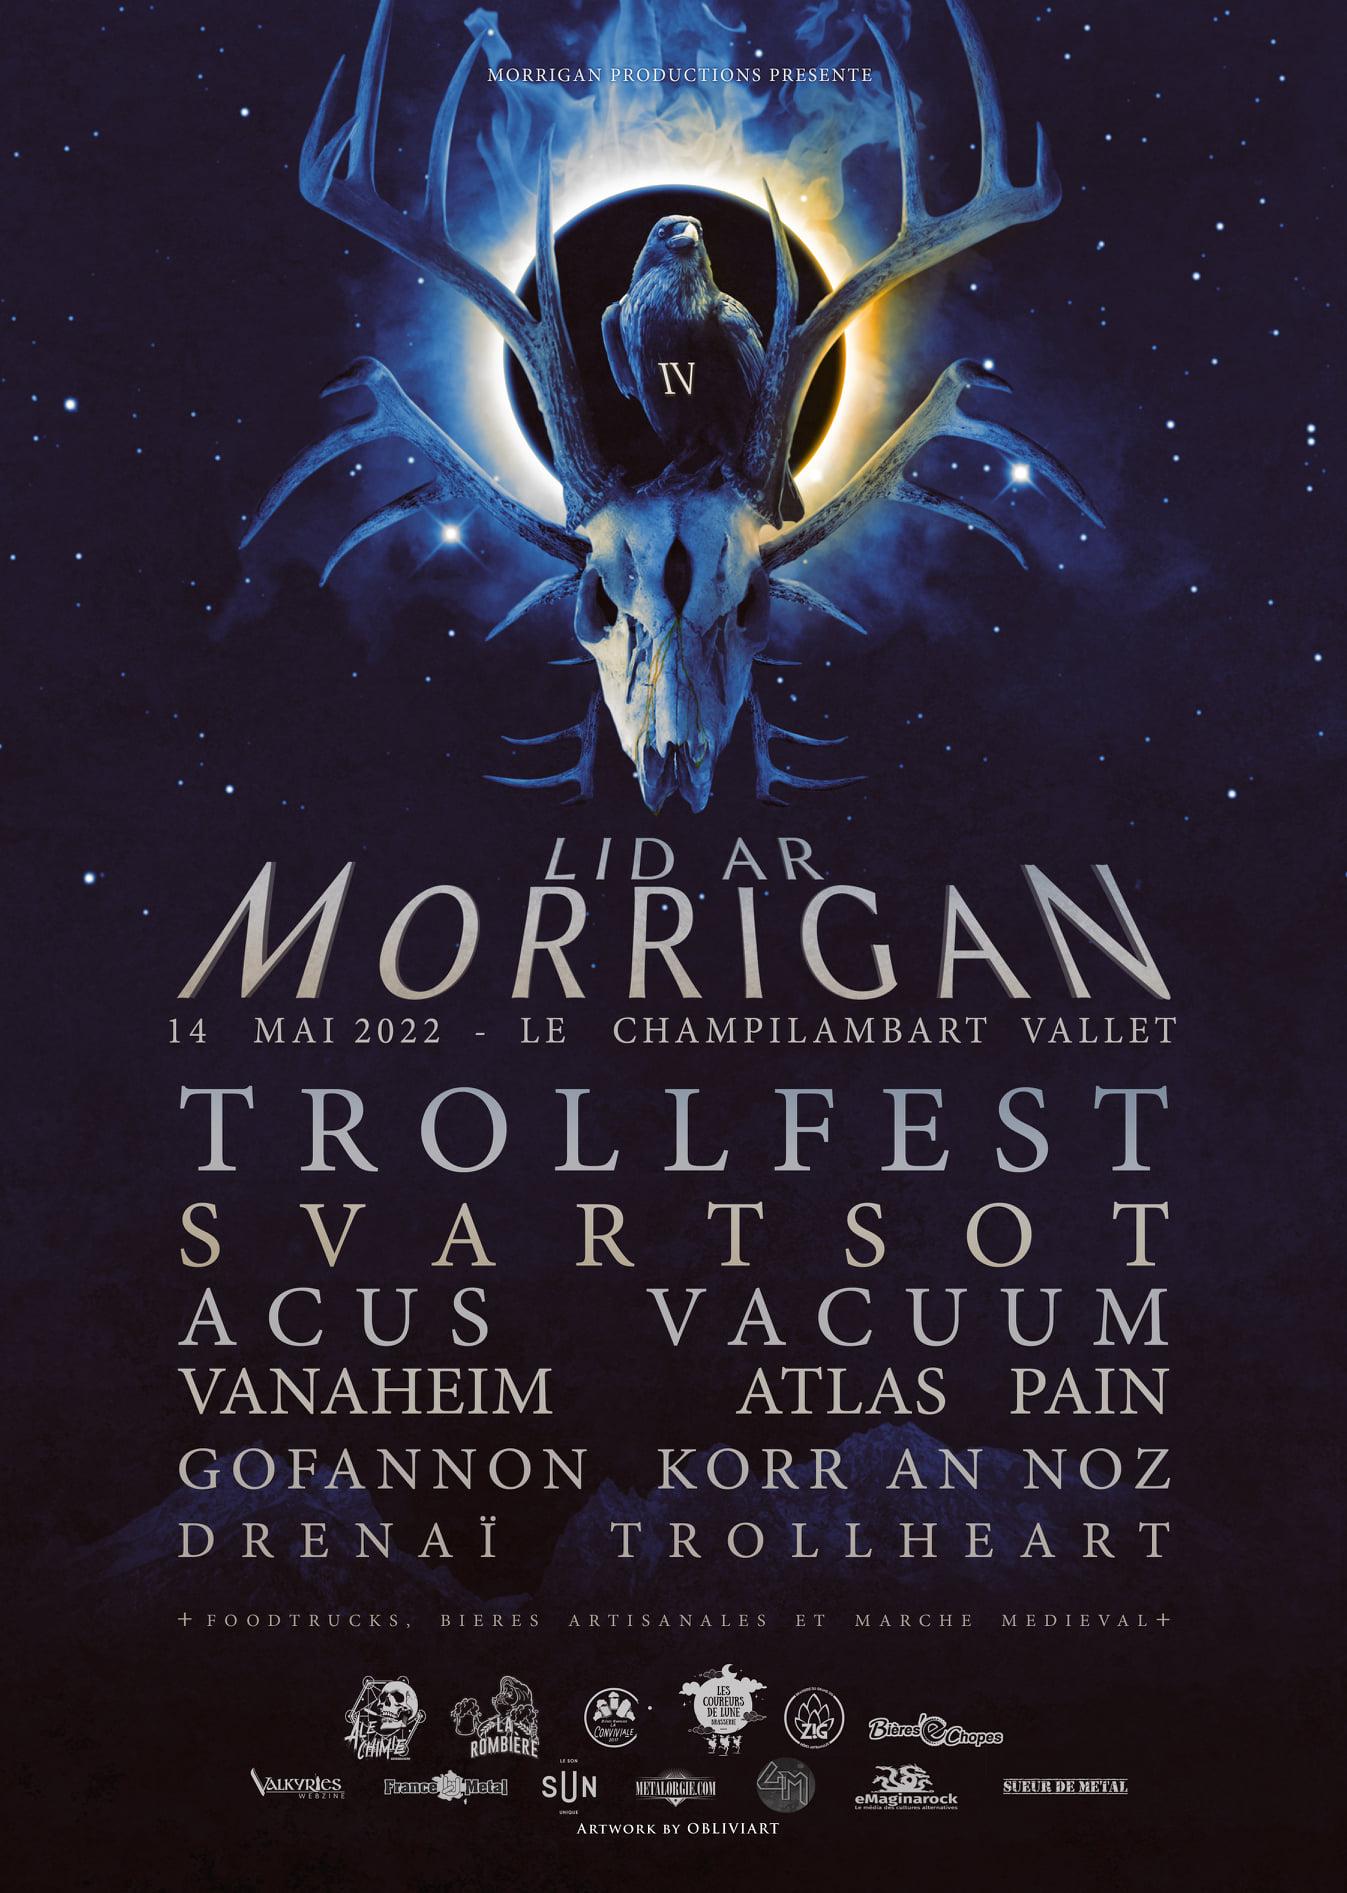 Lid Ar Morrigan IV